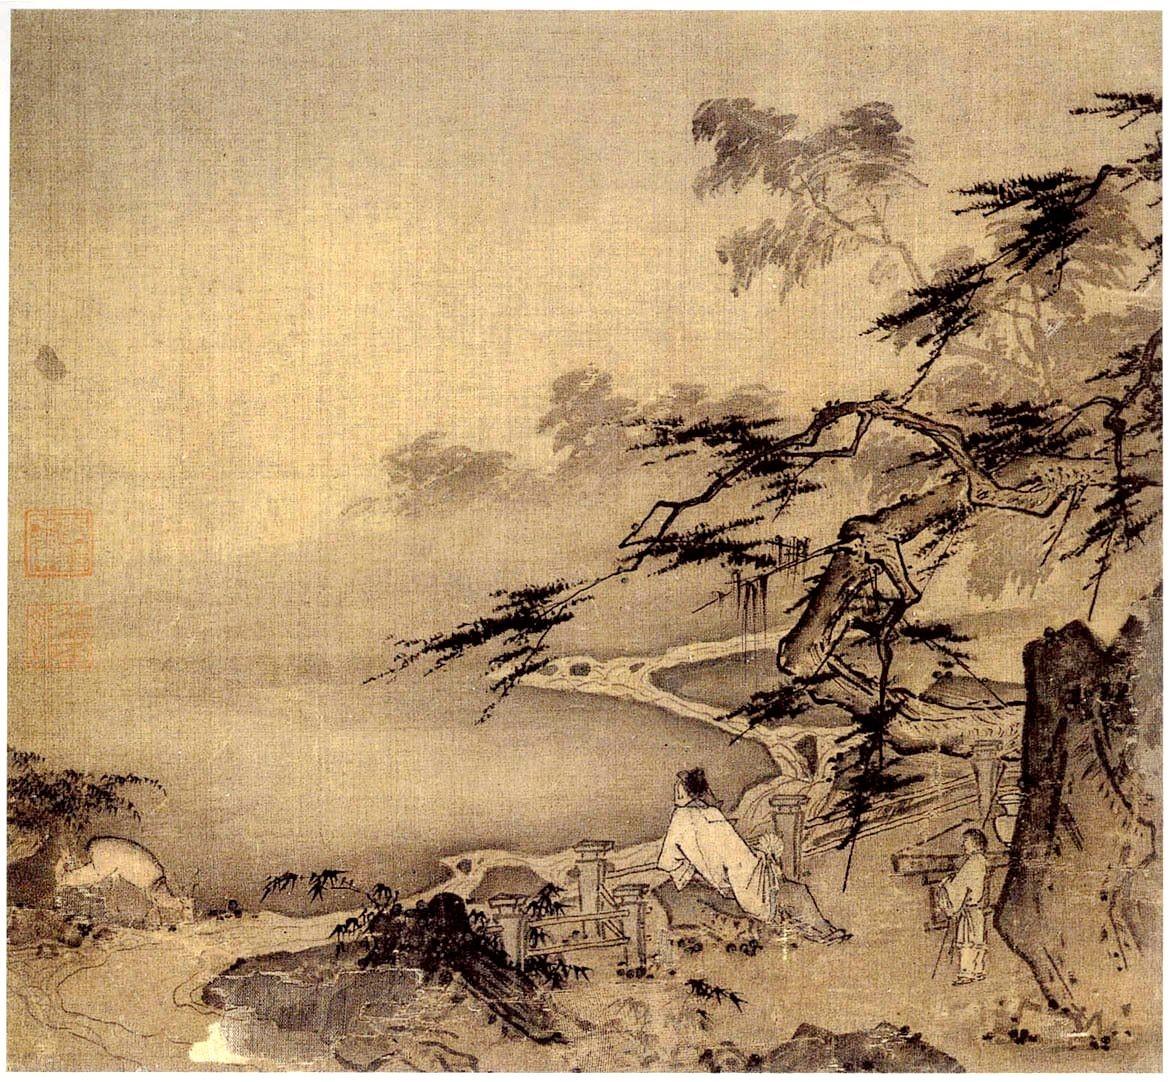 中国画·古松观止     第一部分_图1-21